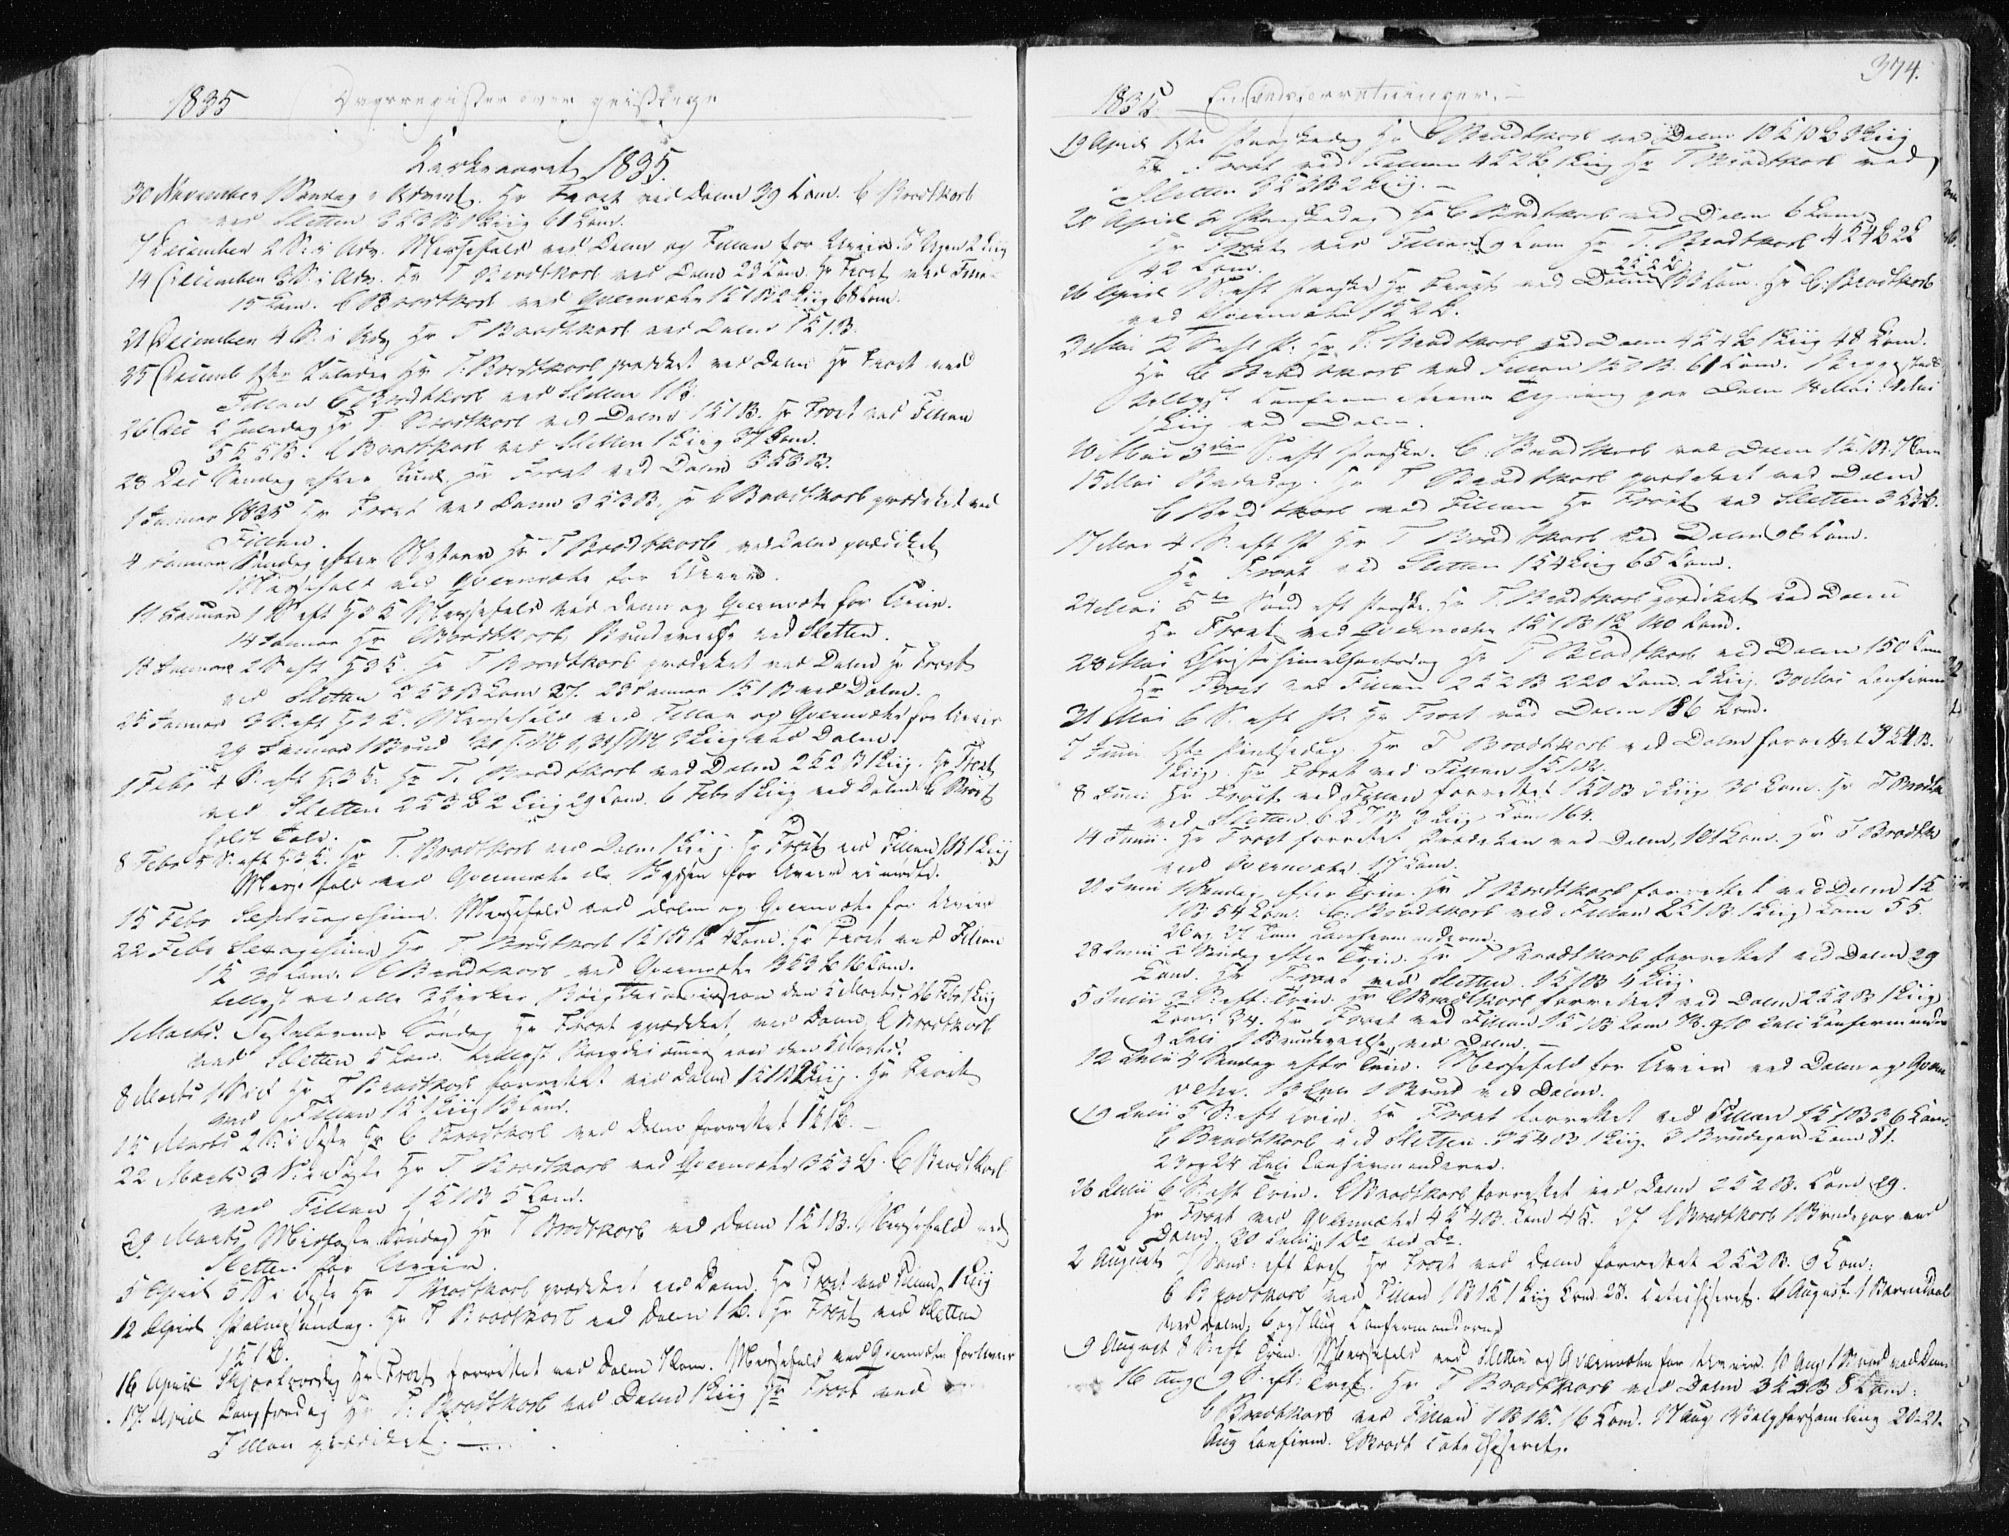 SAT, Ministerialprotokoller, klokkerbøker og fødselsregistre - Sør-Trøndelag, 634/L0528: Ministerialbok nr. 634A04, 1827-1842, s. 374